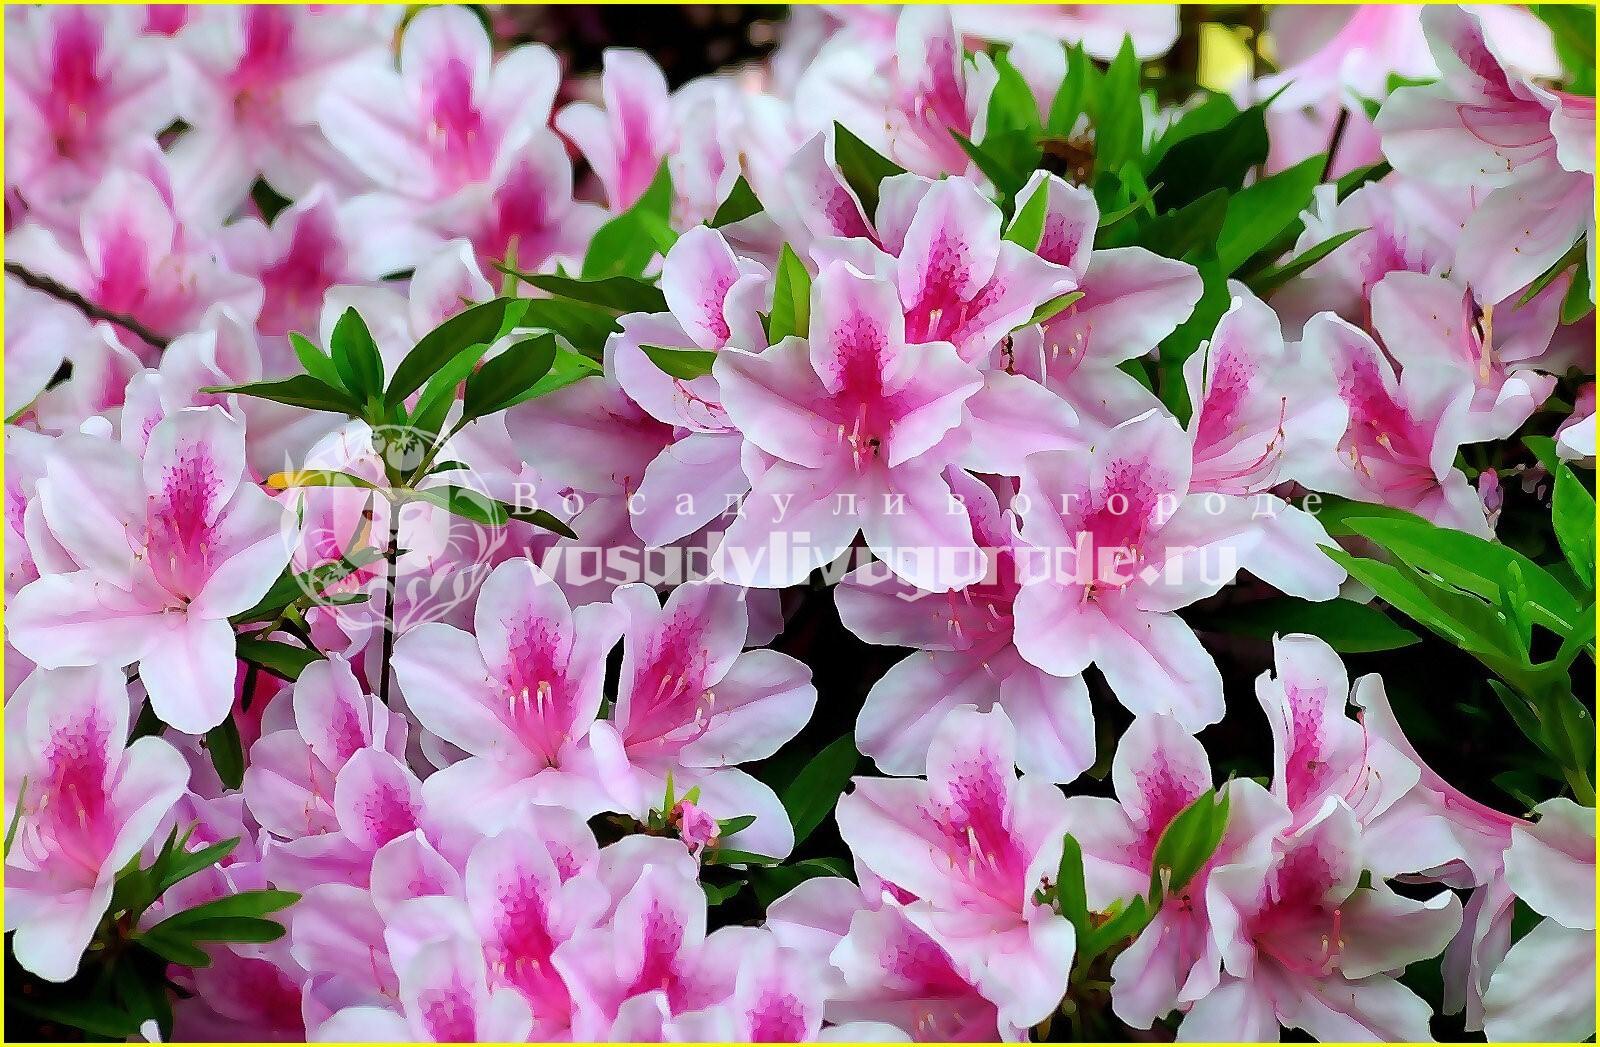 цвет, фото, цветок, салон, значение, пересадка, уход, как пересадить, сохнет